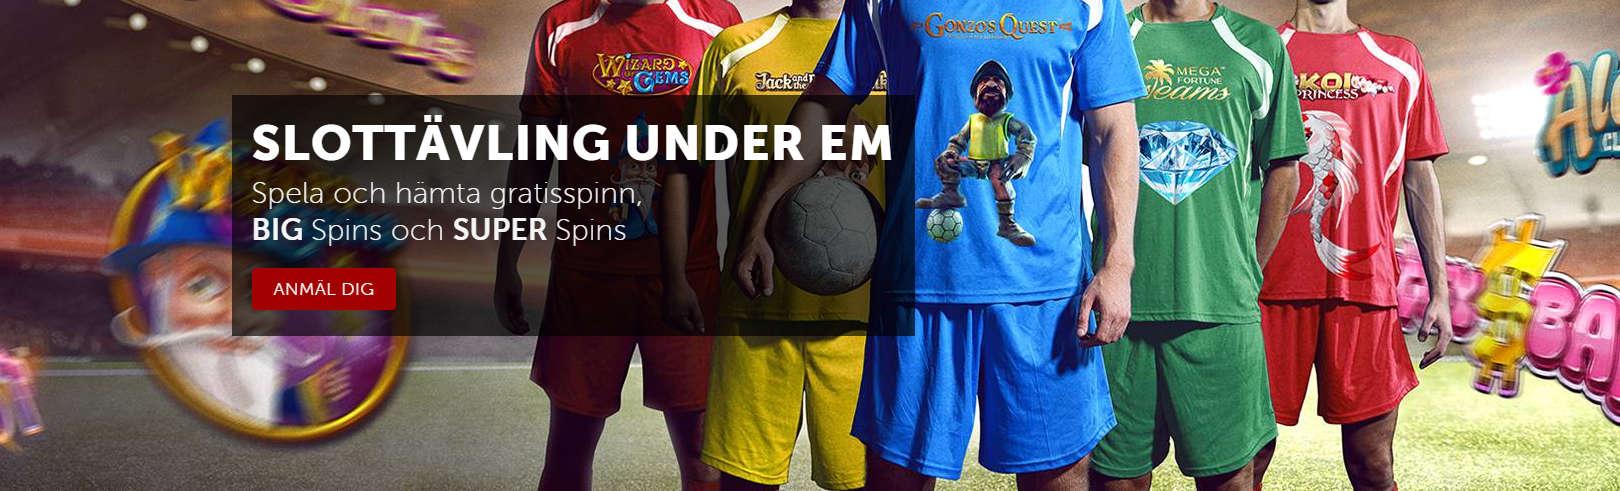 Fotboll och free spins - CasinoBonusar.nu 572ec2c183539